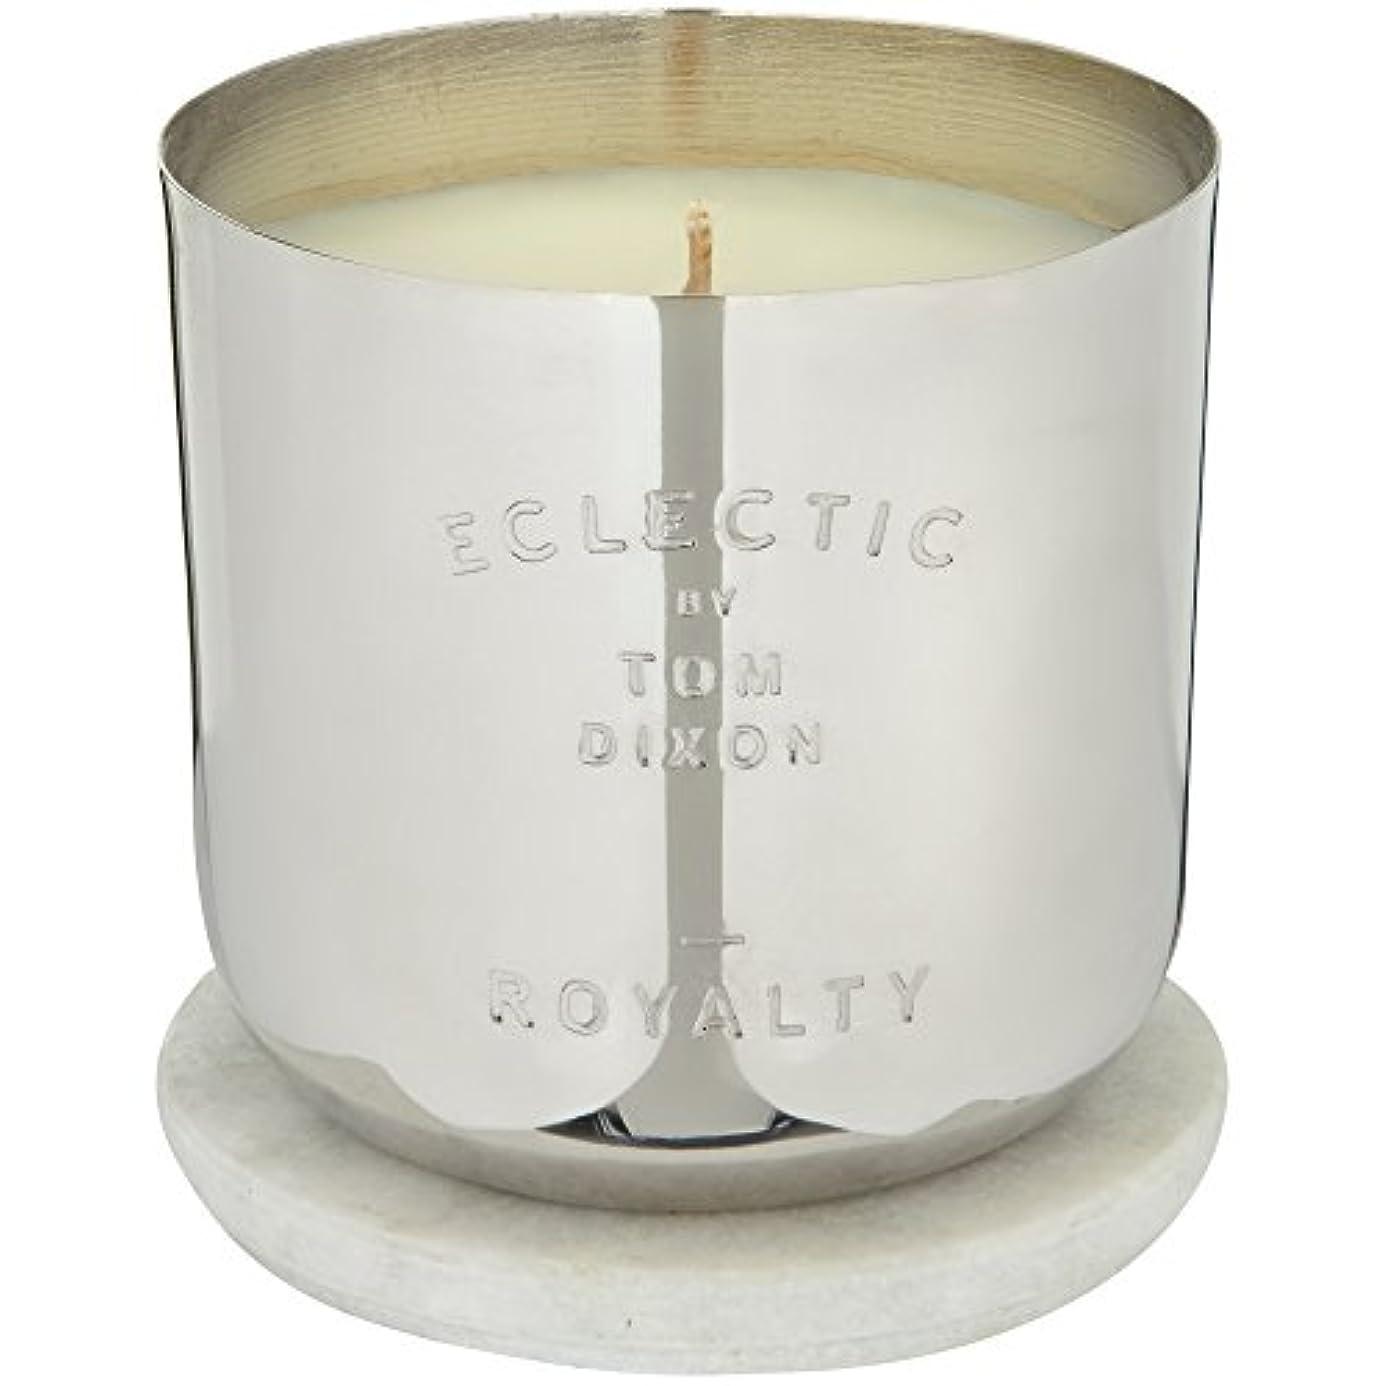 戦争魅力的ラケットトム?ディクソンロイヤリティ香りのキャンドル x6 - Tom Dixon Royalty Scented Candle (Pack of 6) [並行輸入品]